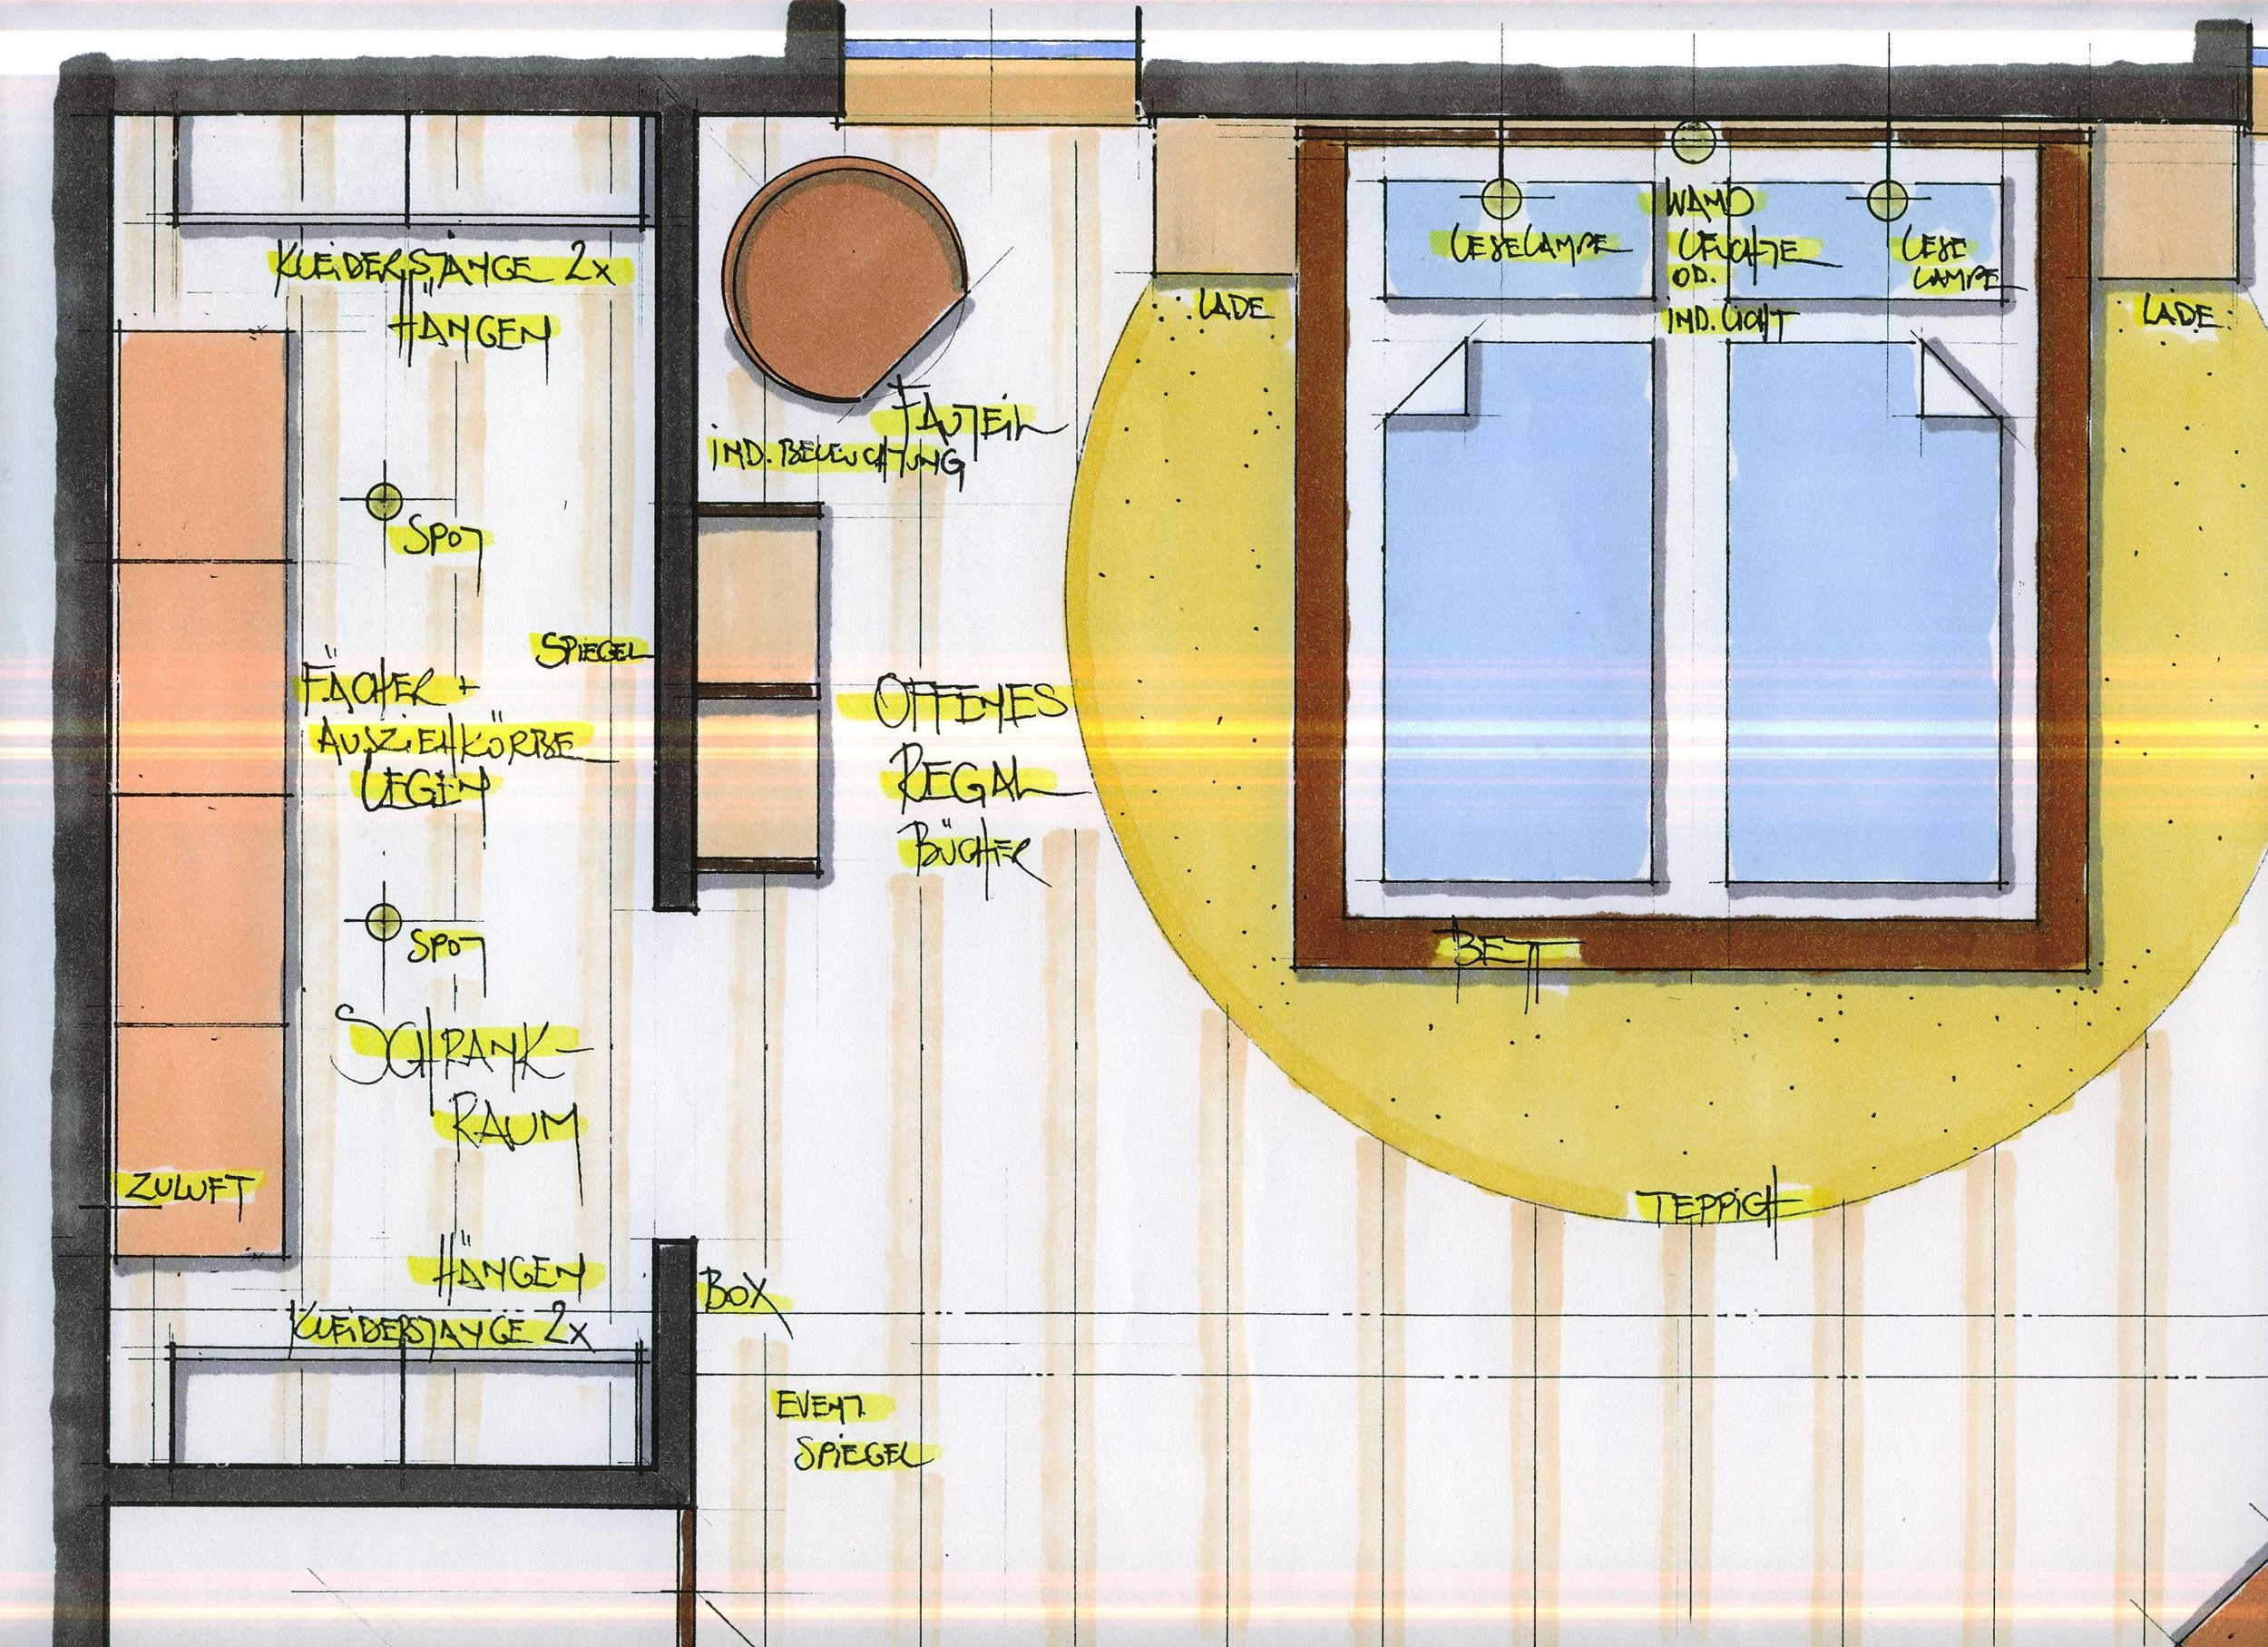 schlafzimmer schierm 2.JPG